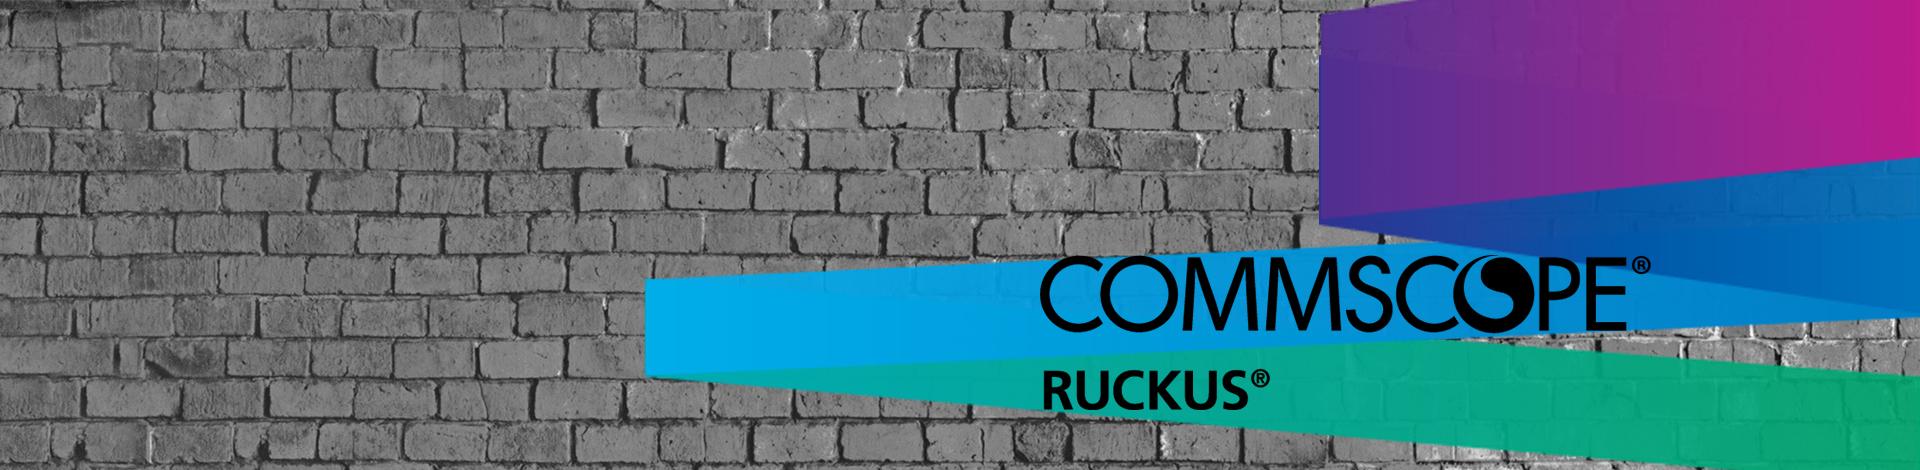 Ruckus Promo